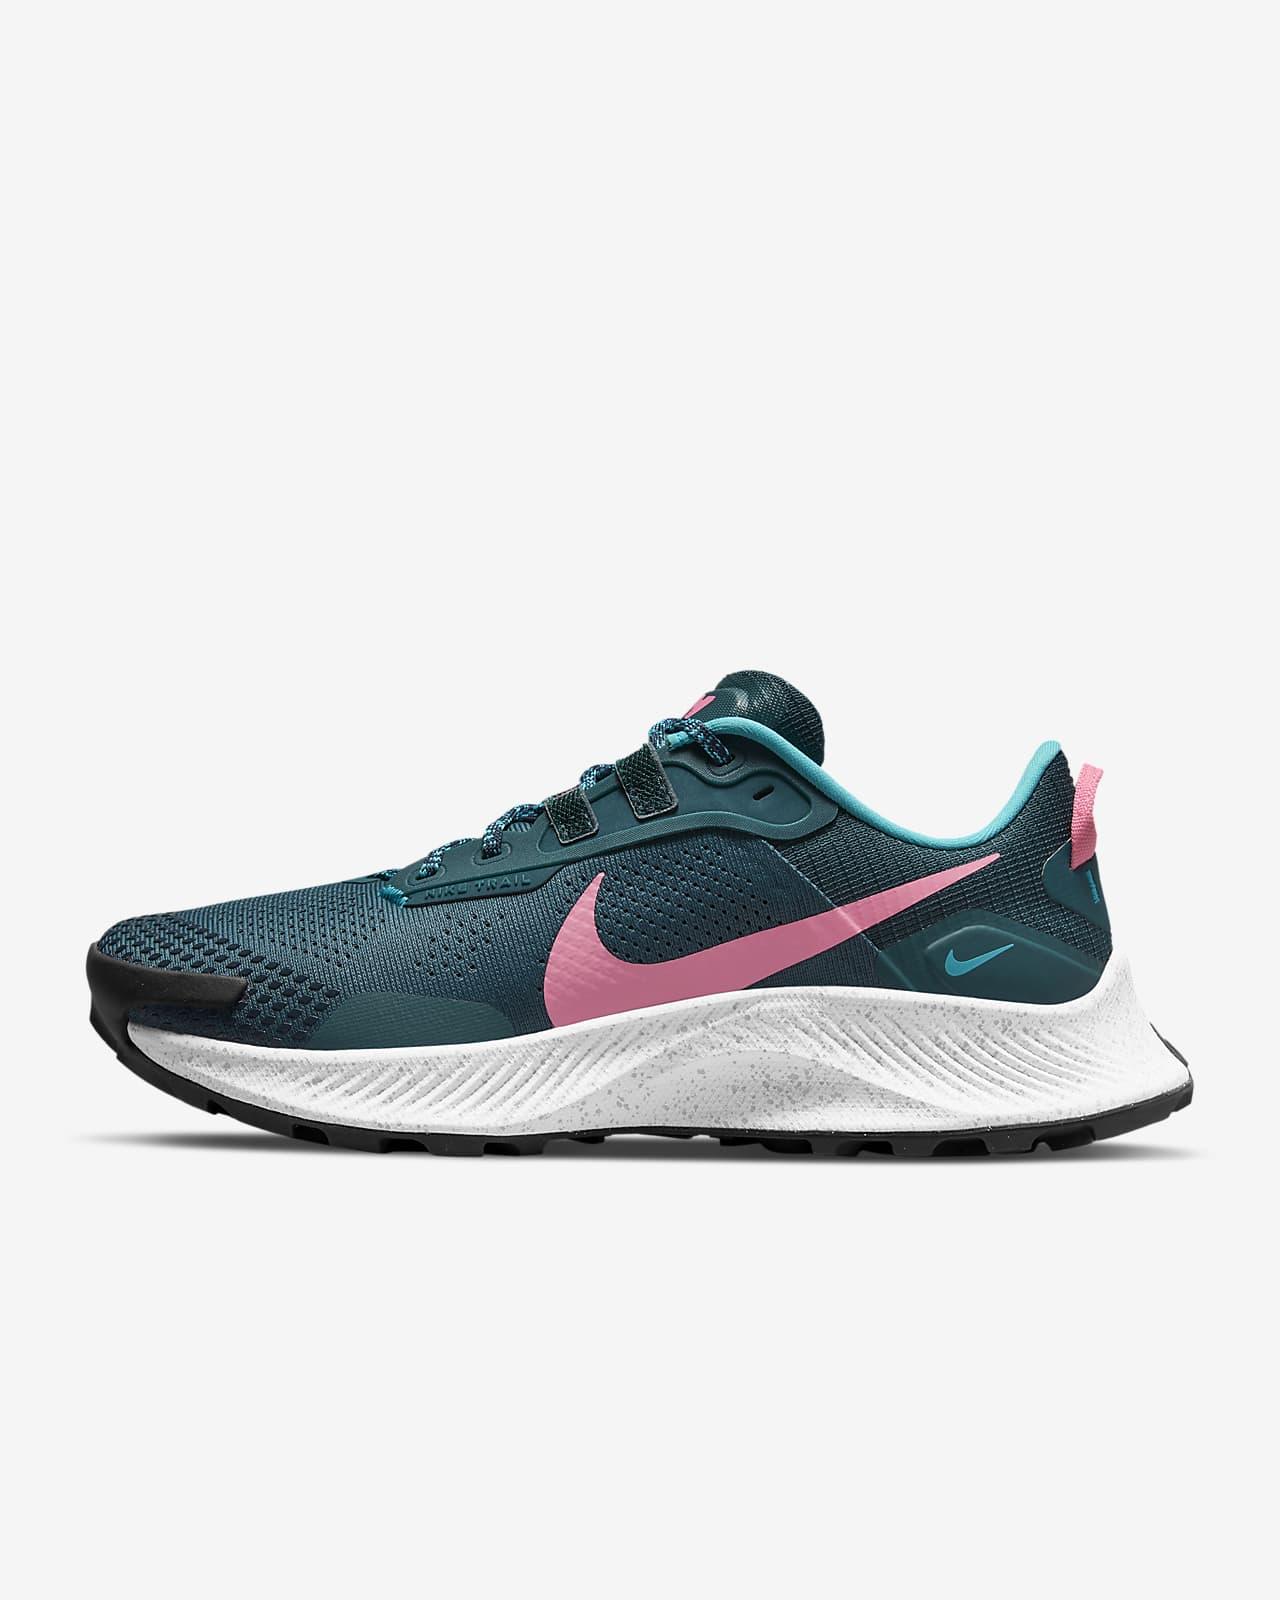 Nike Pegasus Trail 3-trailløbesko til kvinder